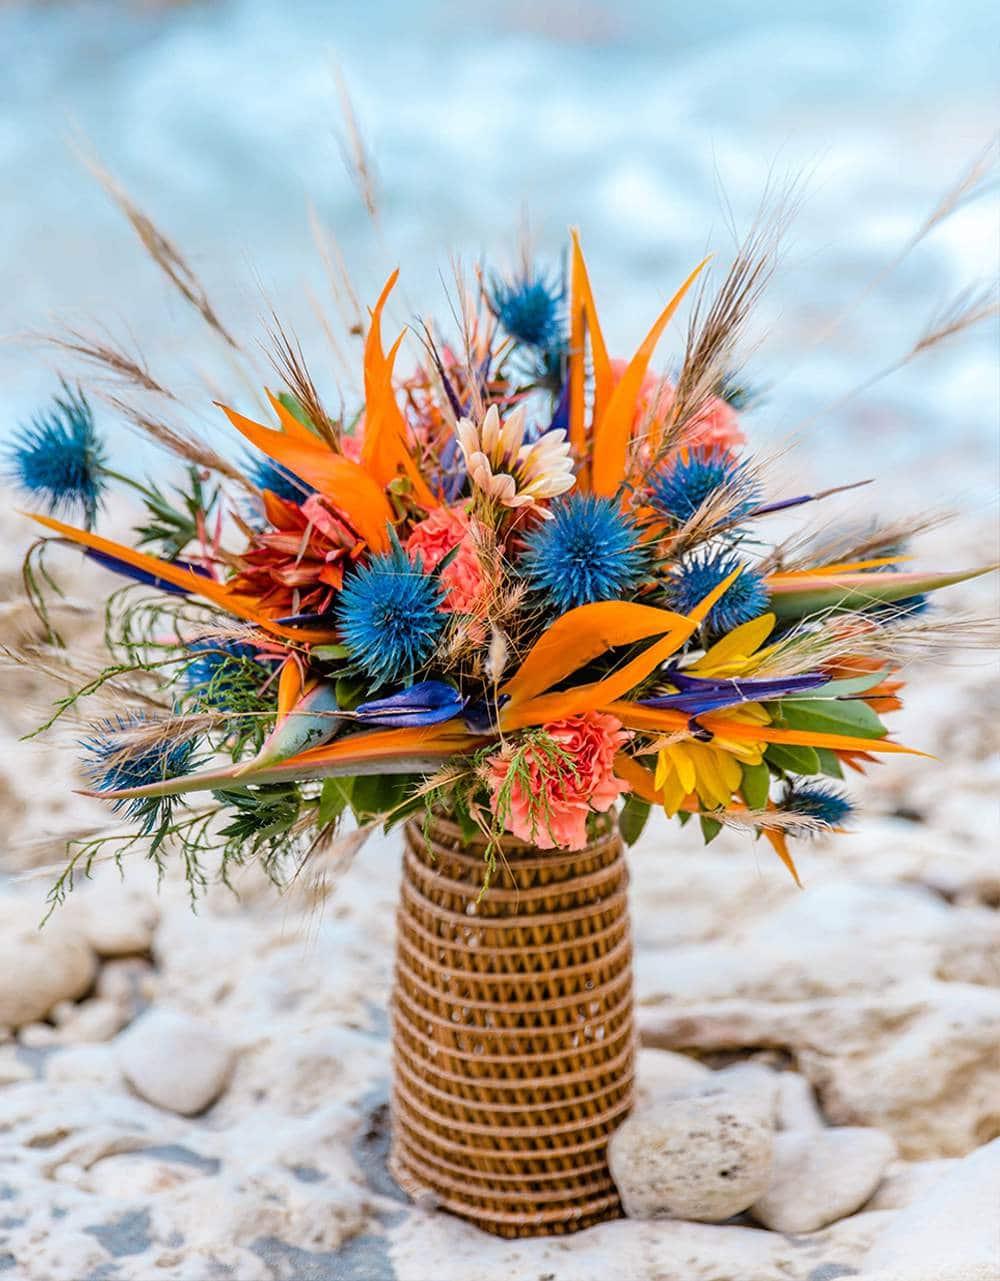 сардинский стильный букет невесты в ловушке для лобстеров